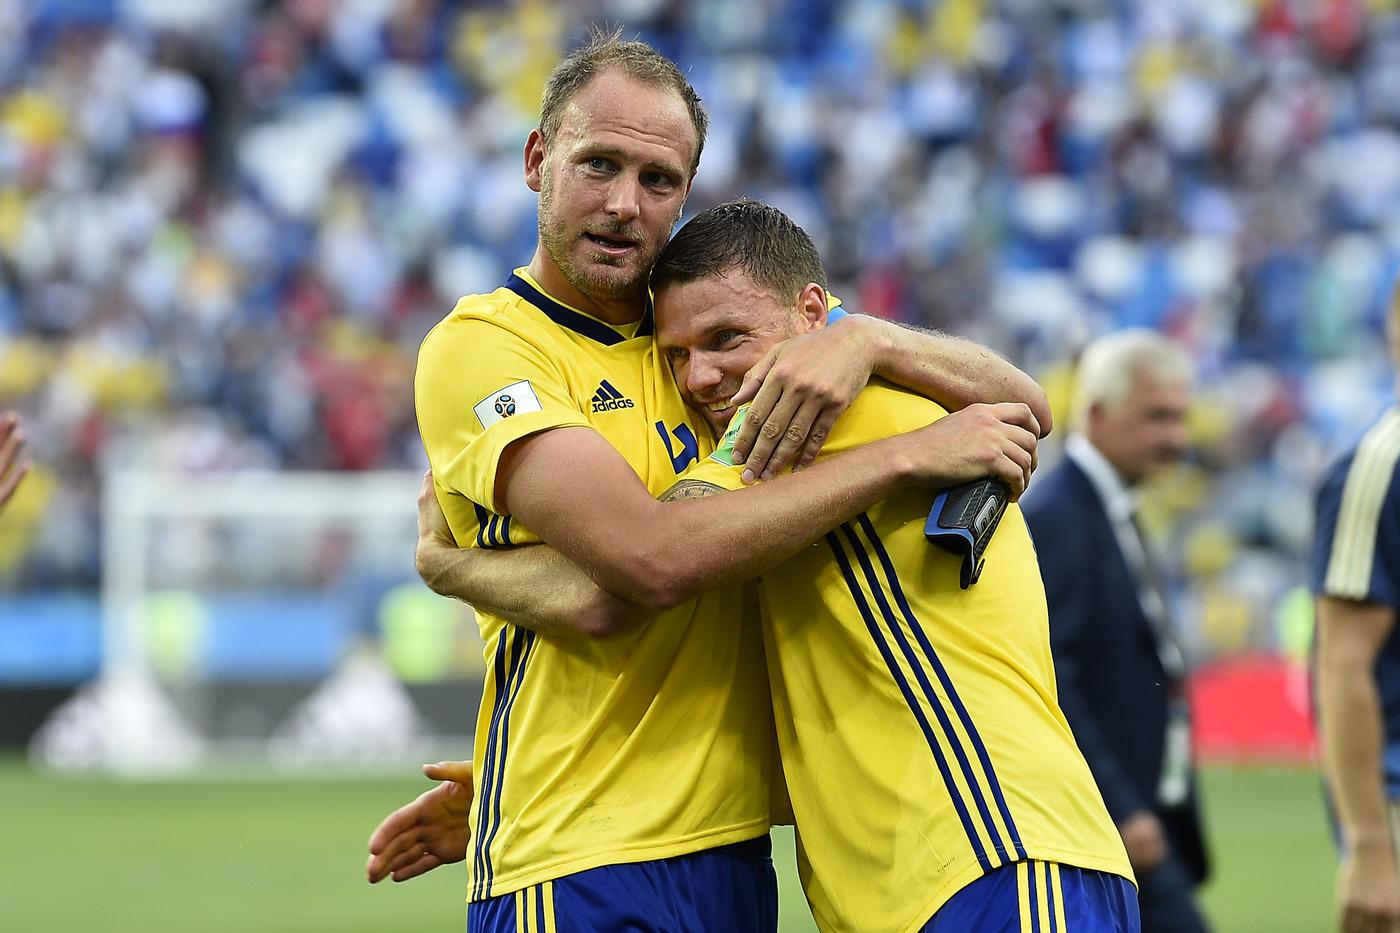 Svezia-Svizzera 3 luglio, analisi e pronostico Mondiali Russia 2018 ottavi di finale